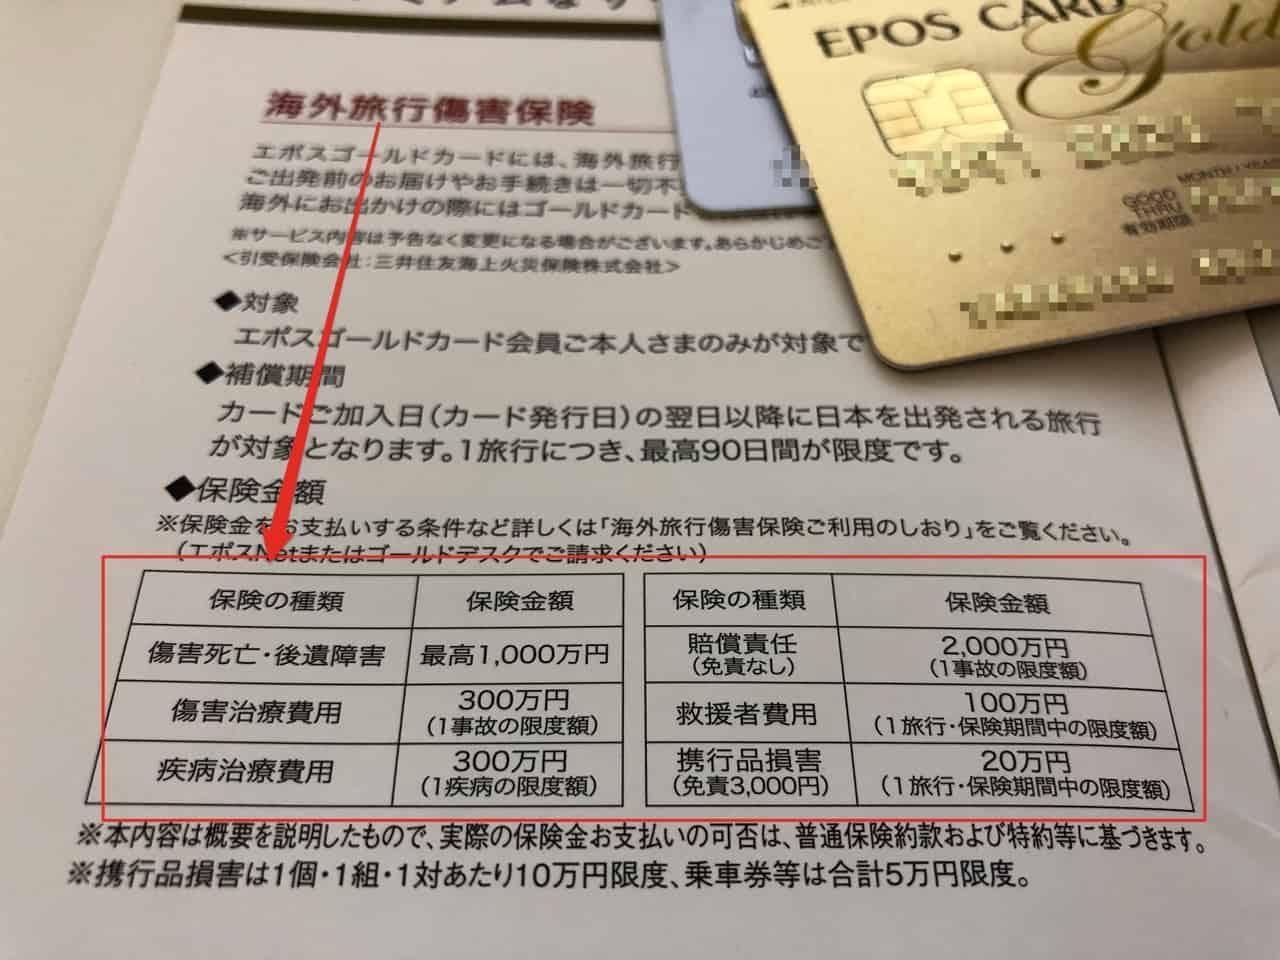 エポスゴールドの海外旅行保険